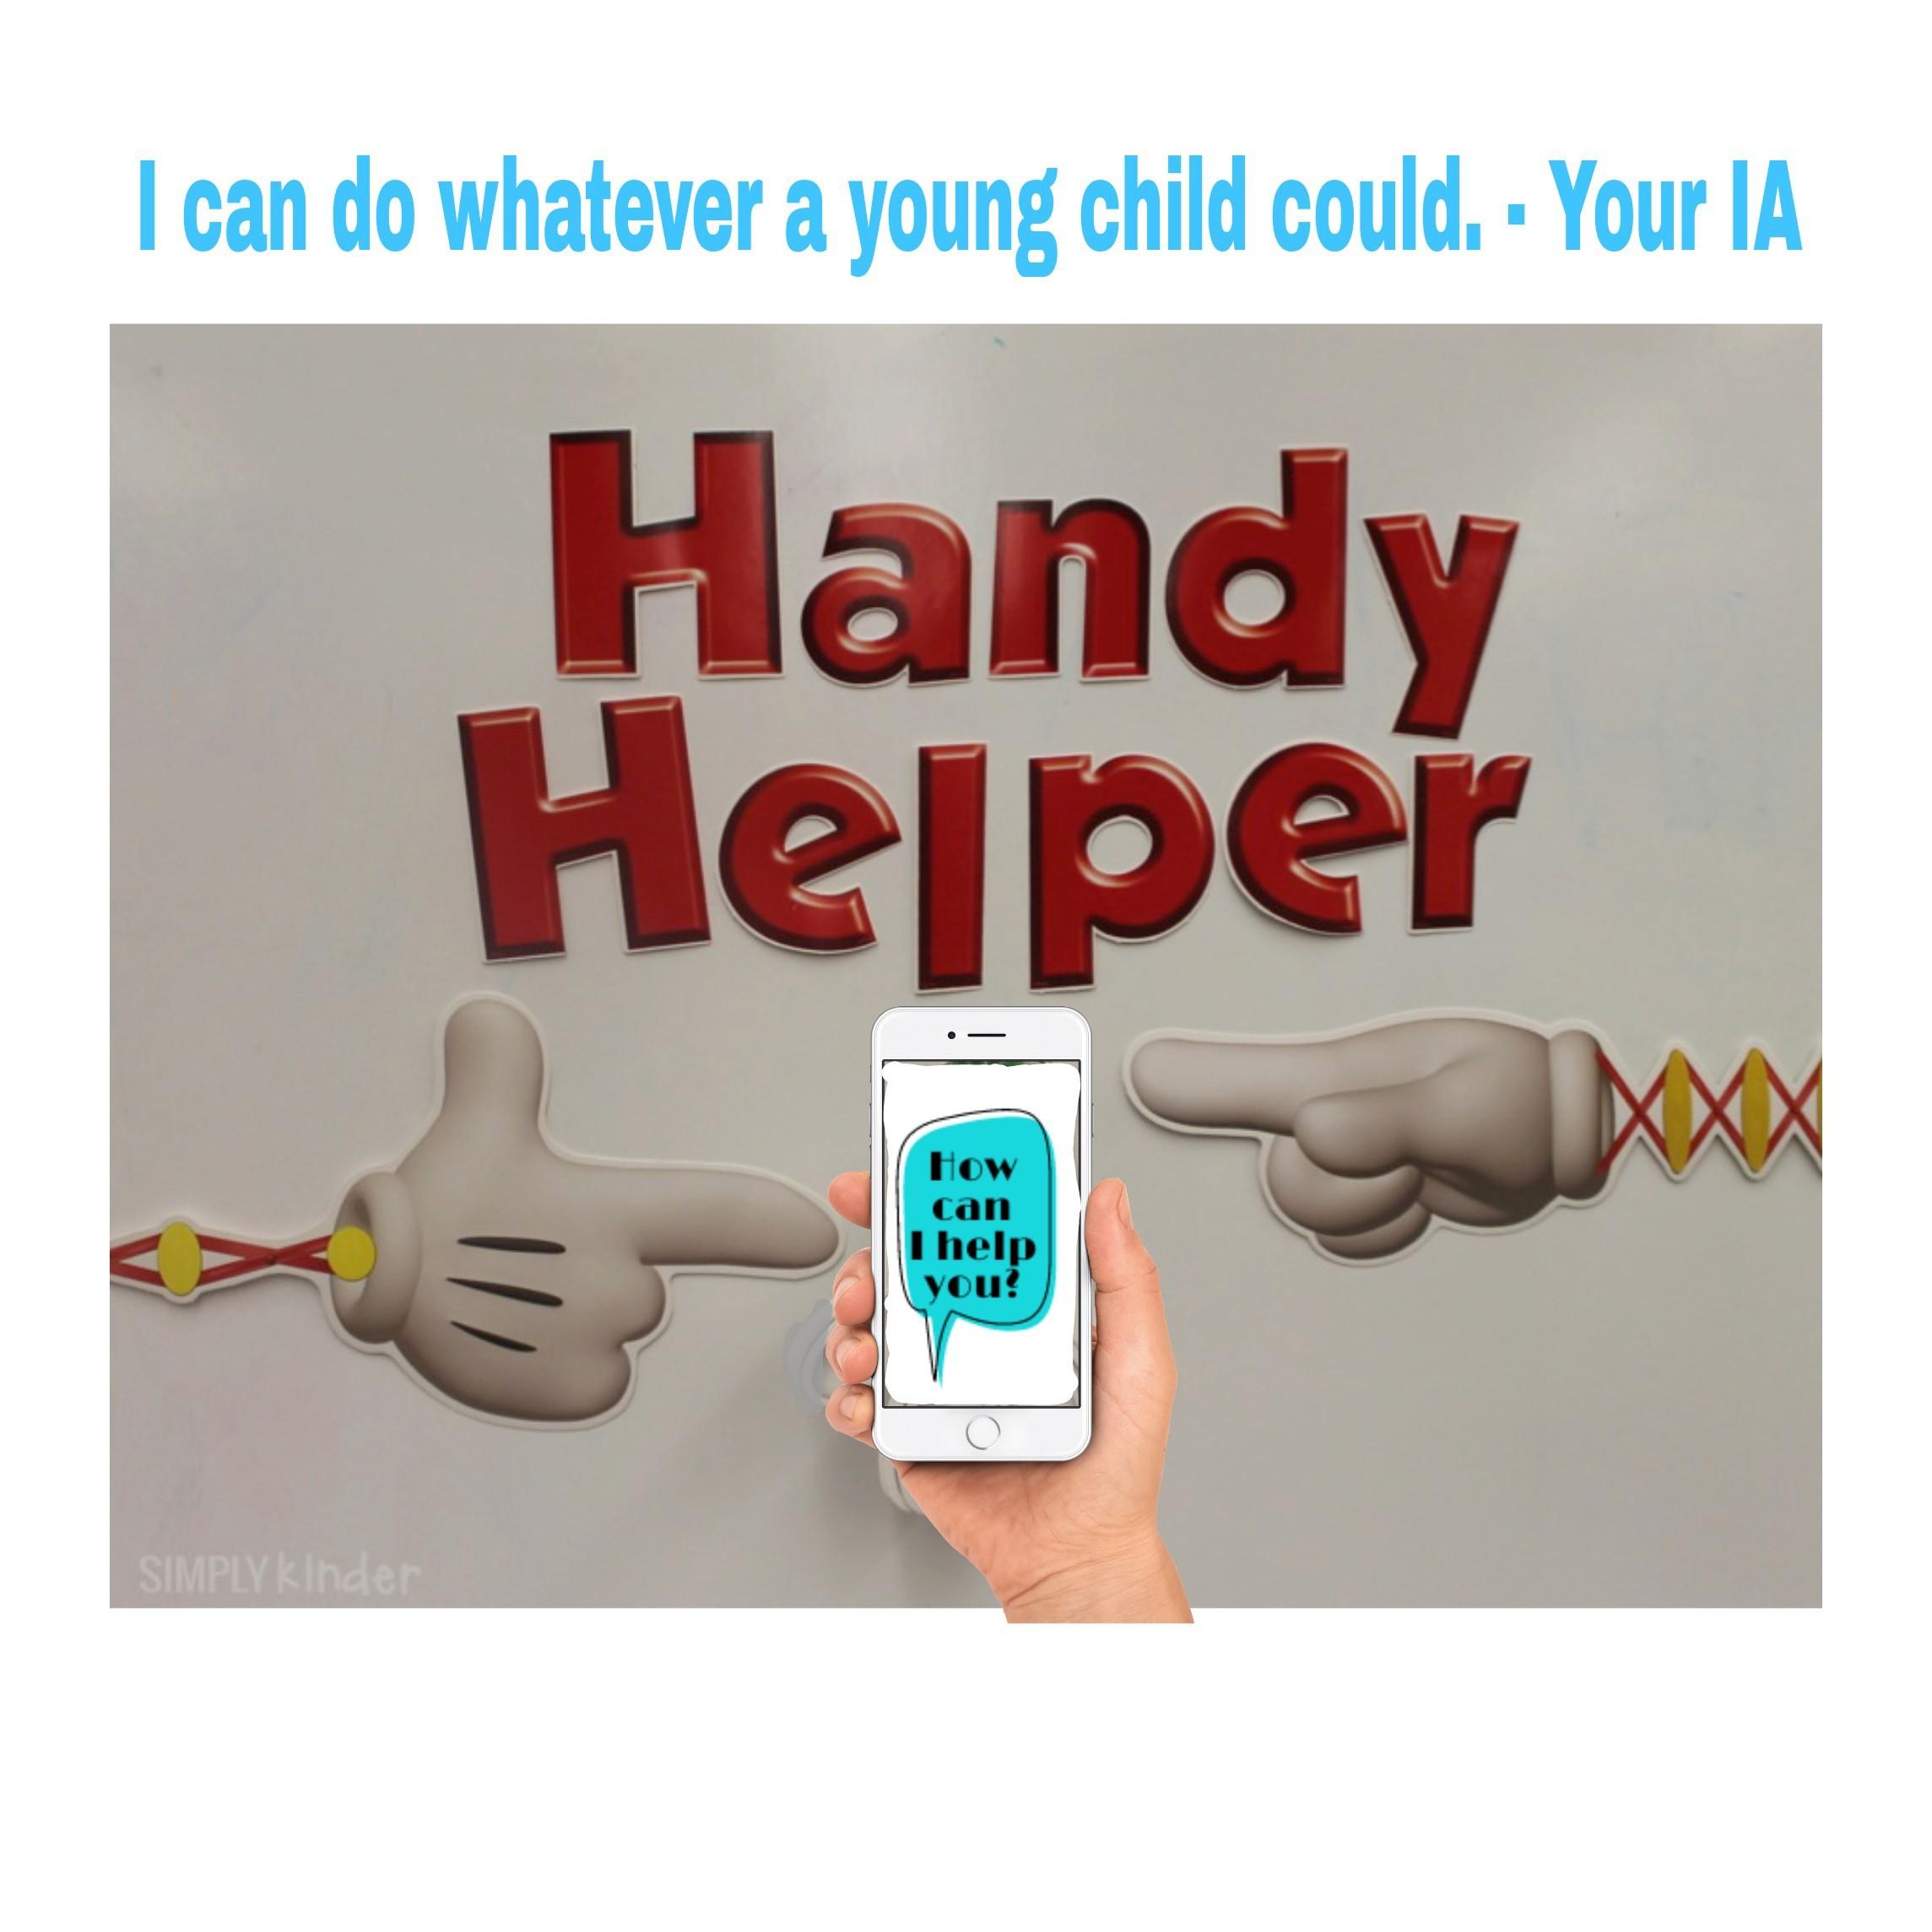 """一幅图片显示了一部手机,上面写着""""我能为你做什么?"""",还有两只手放在弹簧上,从侧面出现。上面写着:我可以做一个小孩能做的任何事。你的IA。方便助手。"""